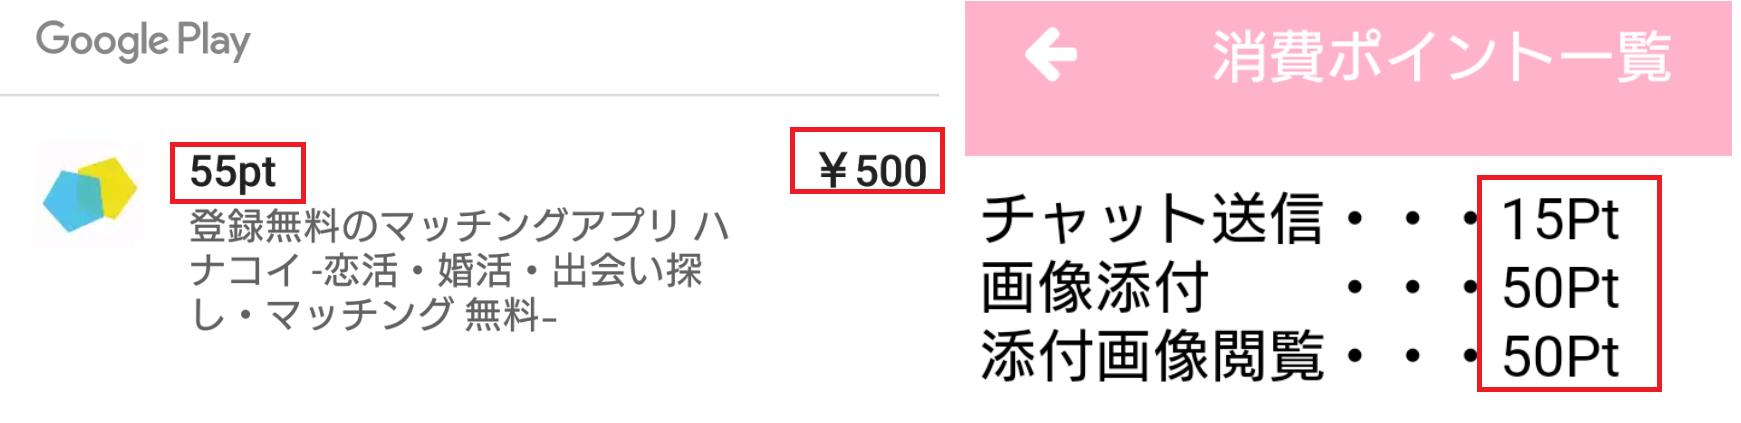 登録無料のマッチングアプリ ハナコイ -恋活・婚活・出会い探し・マッチング 無料-料金体系